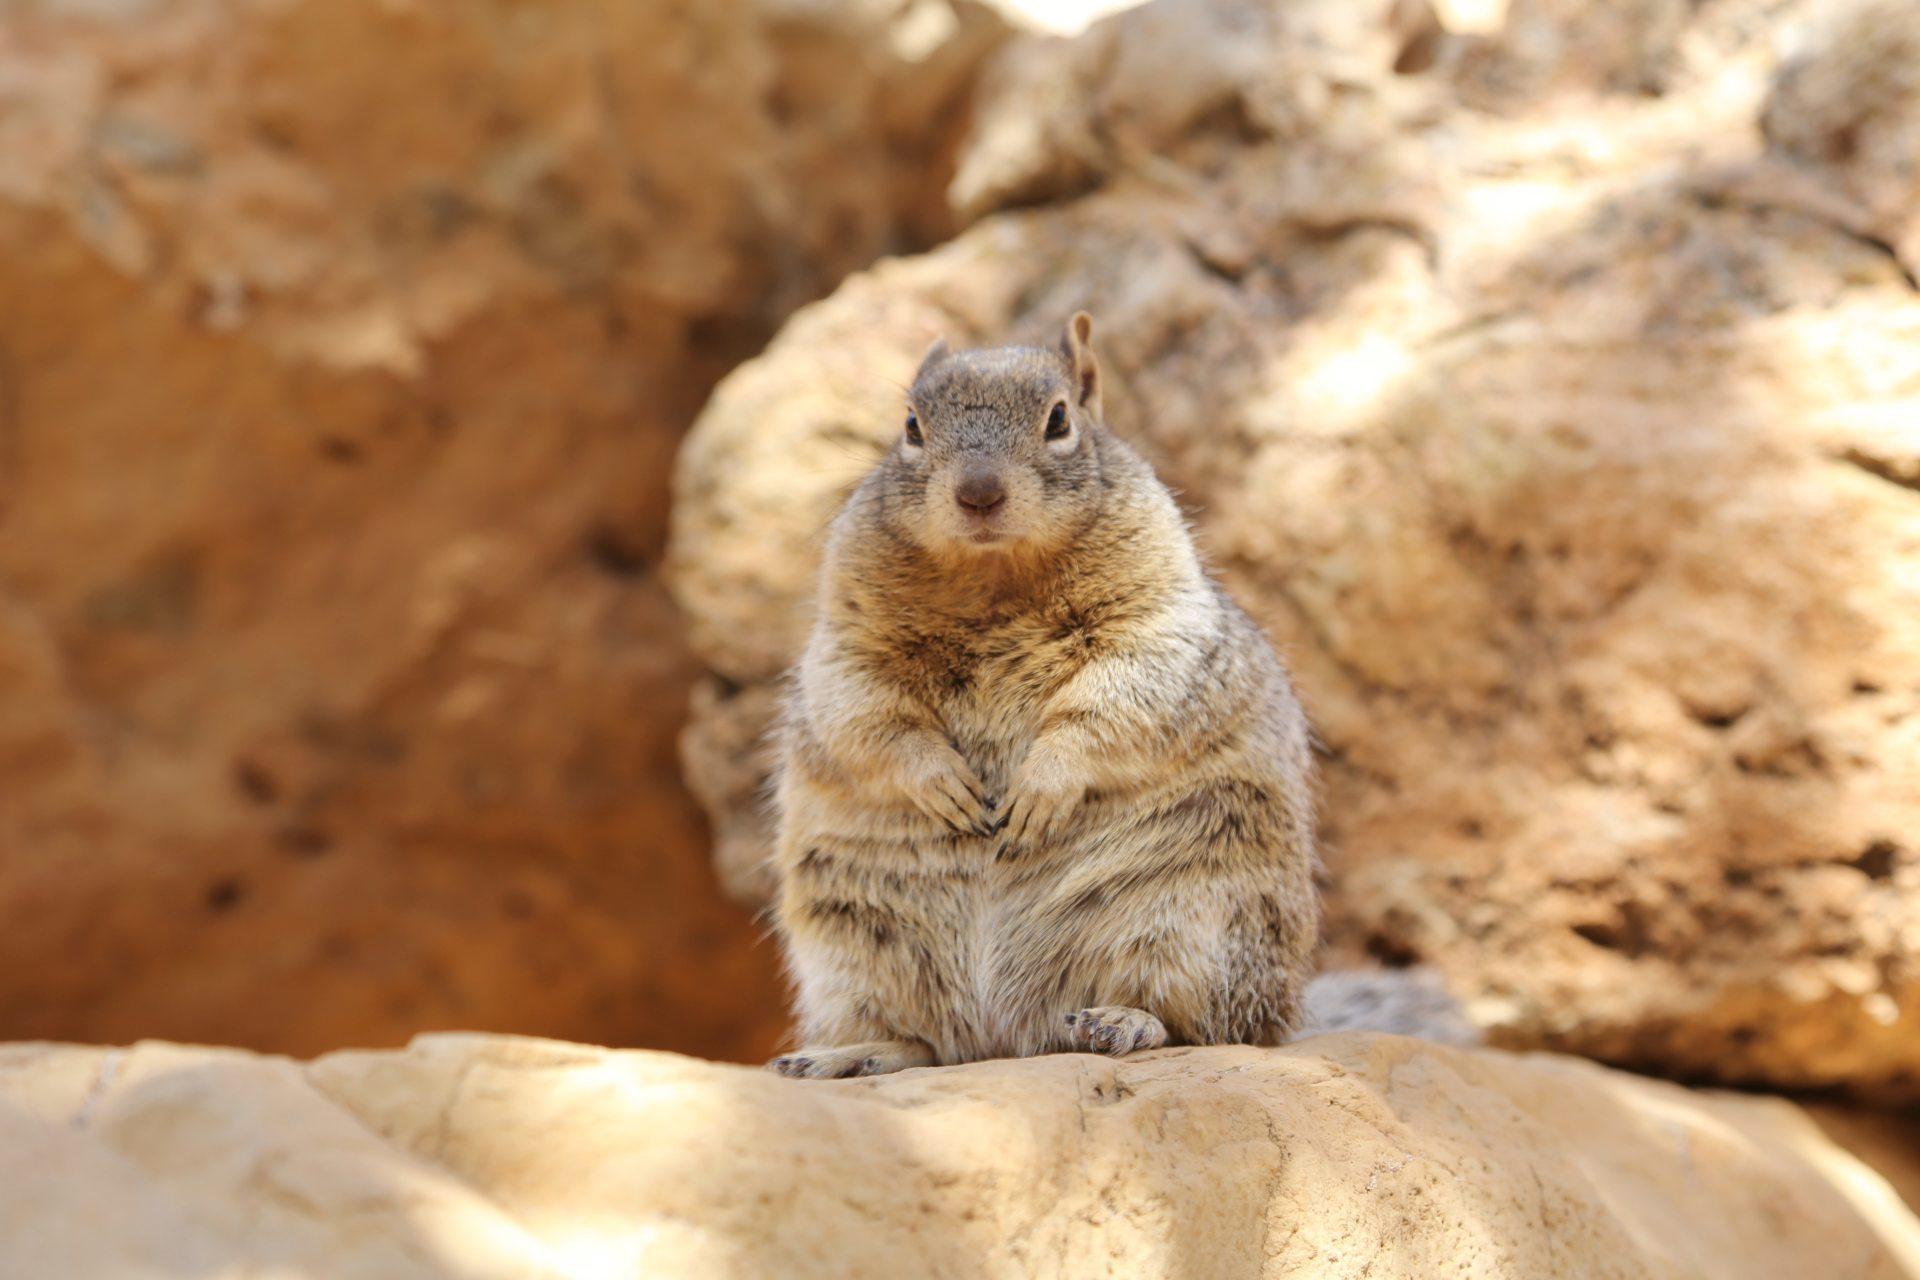 Winterspeck, na und? - Arizona, flauschig, Grand Canyon National Park, haarig, Himmel, Killerblick, Mach Männchen, Nagetier, Rim Trail, Squirrel, Tier - (Grand Canyon, Arizona, Vereinigte Staaten)